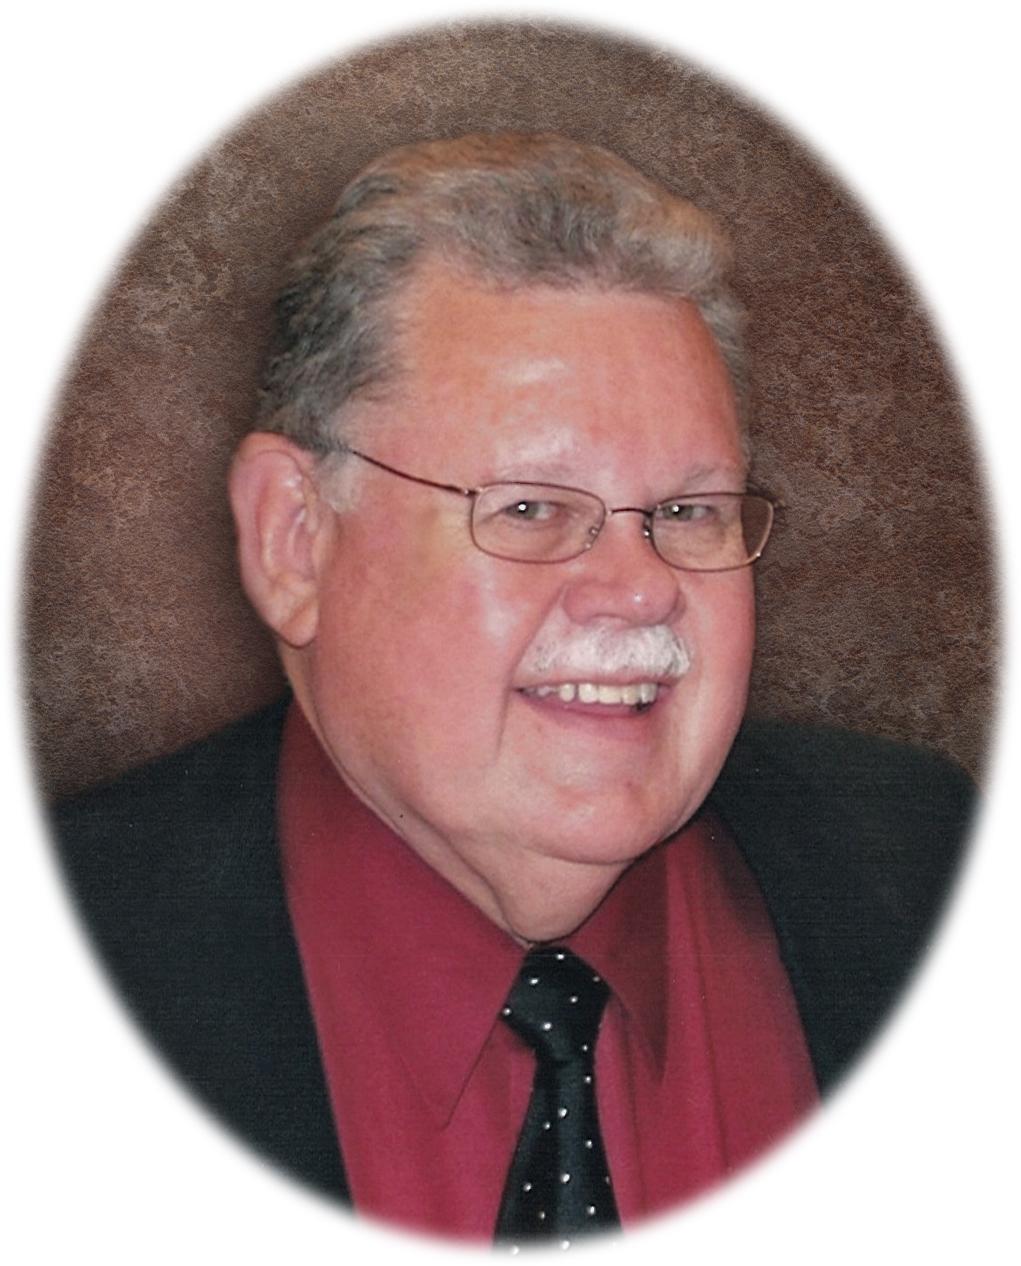 Roger M. MacNeill